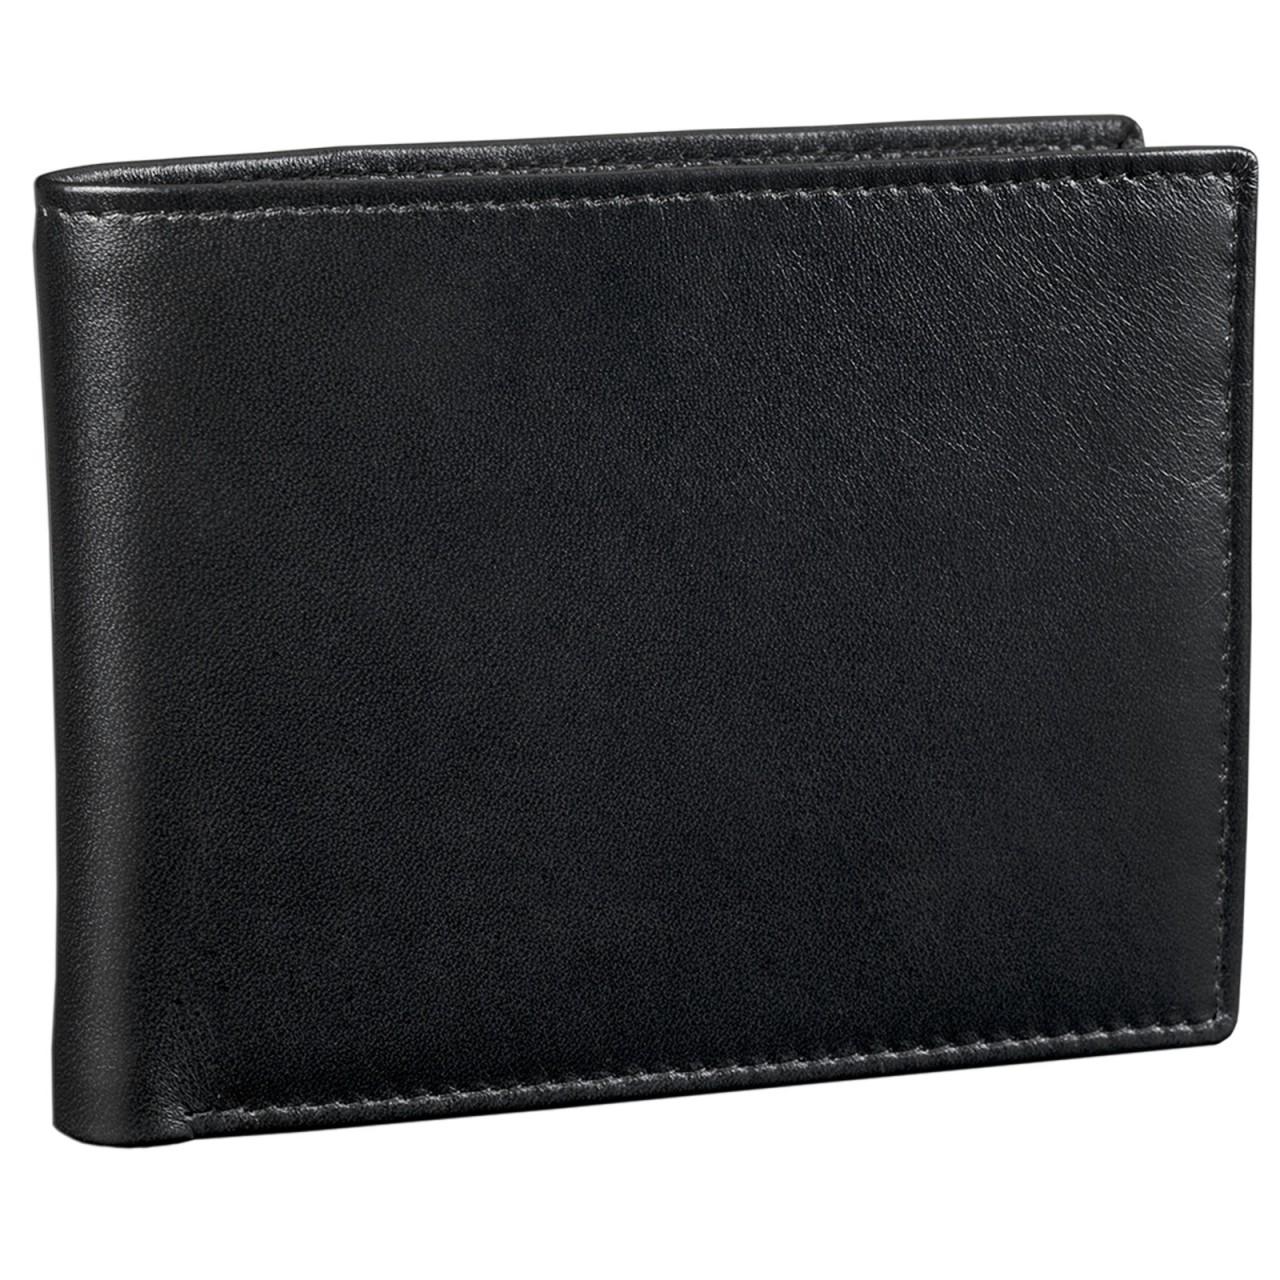 STILORD Portemonnaie aus Leder Geldbörse Brieftasche Ledergeldbörse Portmonee Geldbeutel Etui EC-Karten Leder schwarz - Bild 1